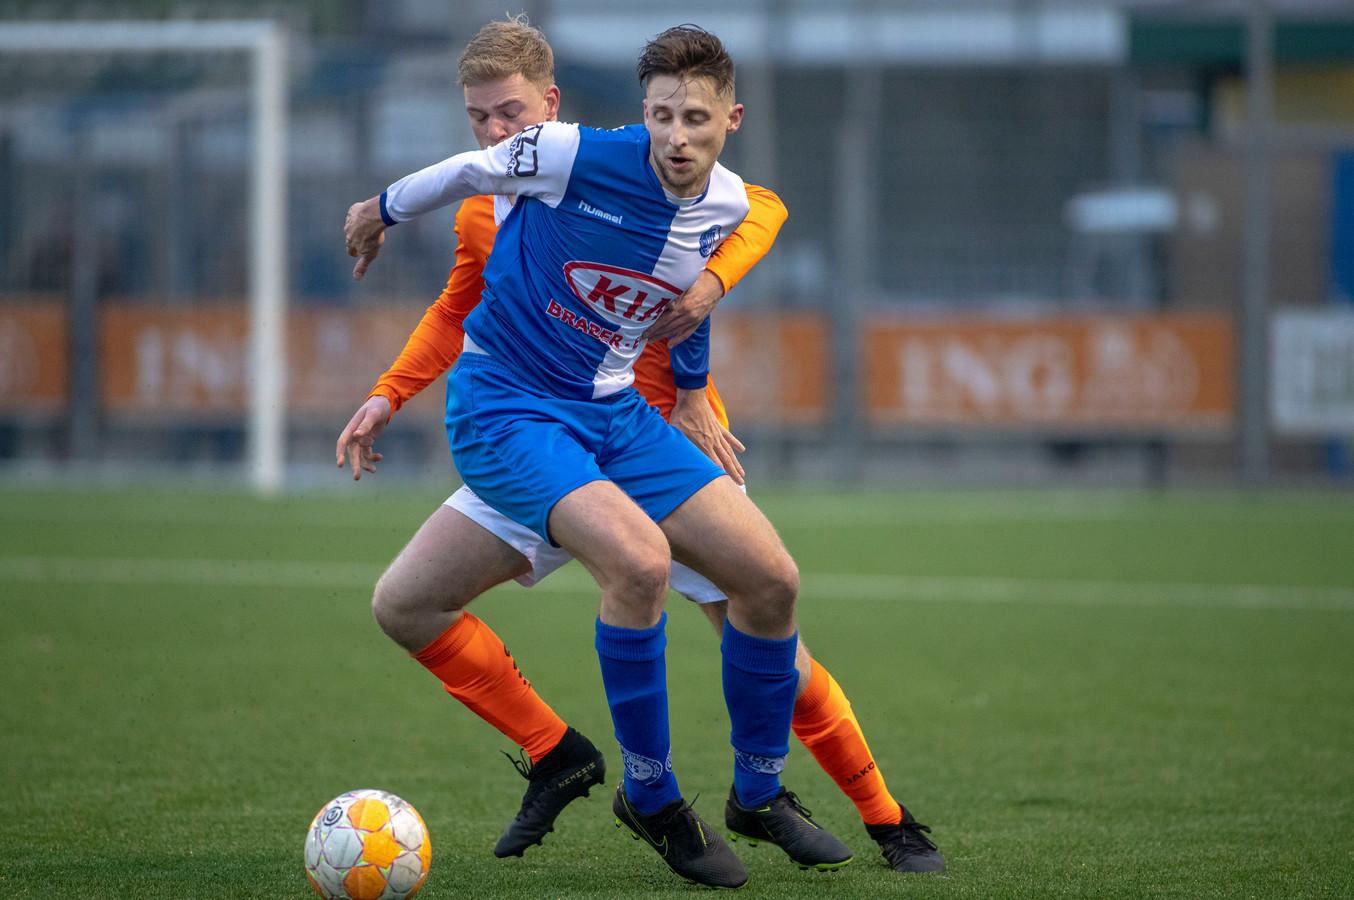 Remco Speelziek speelt volgend seizoen met DTS Ede in het KNVB-bekertoernooi.